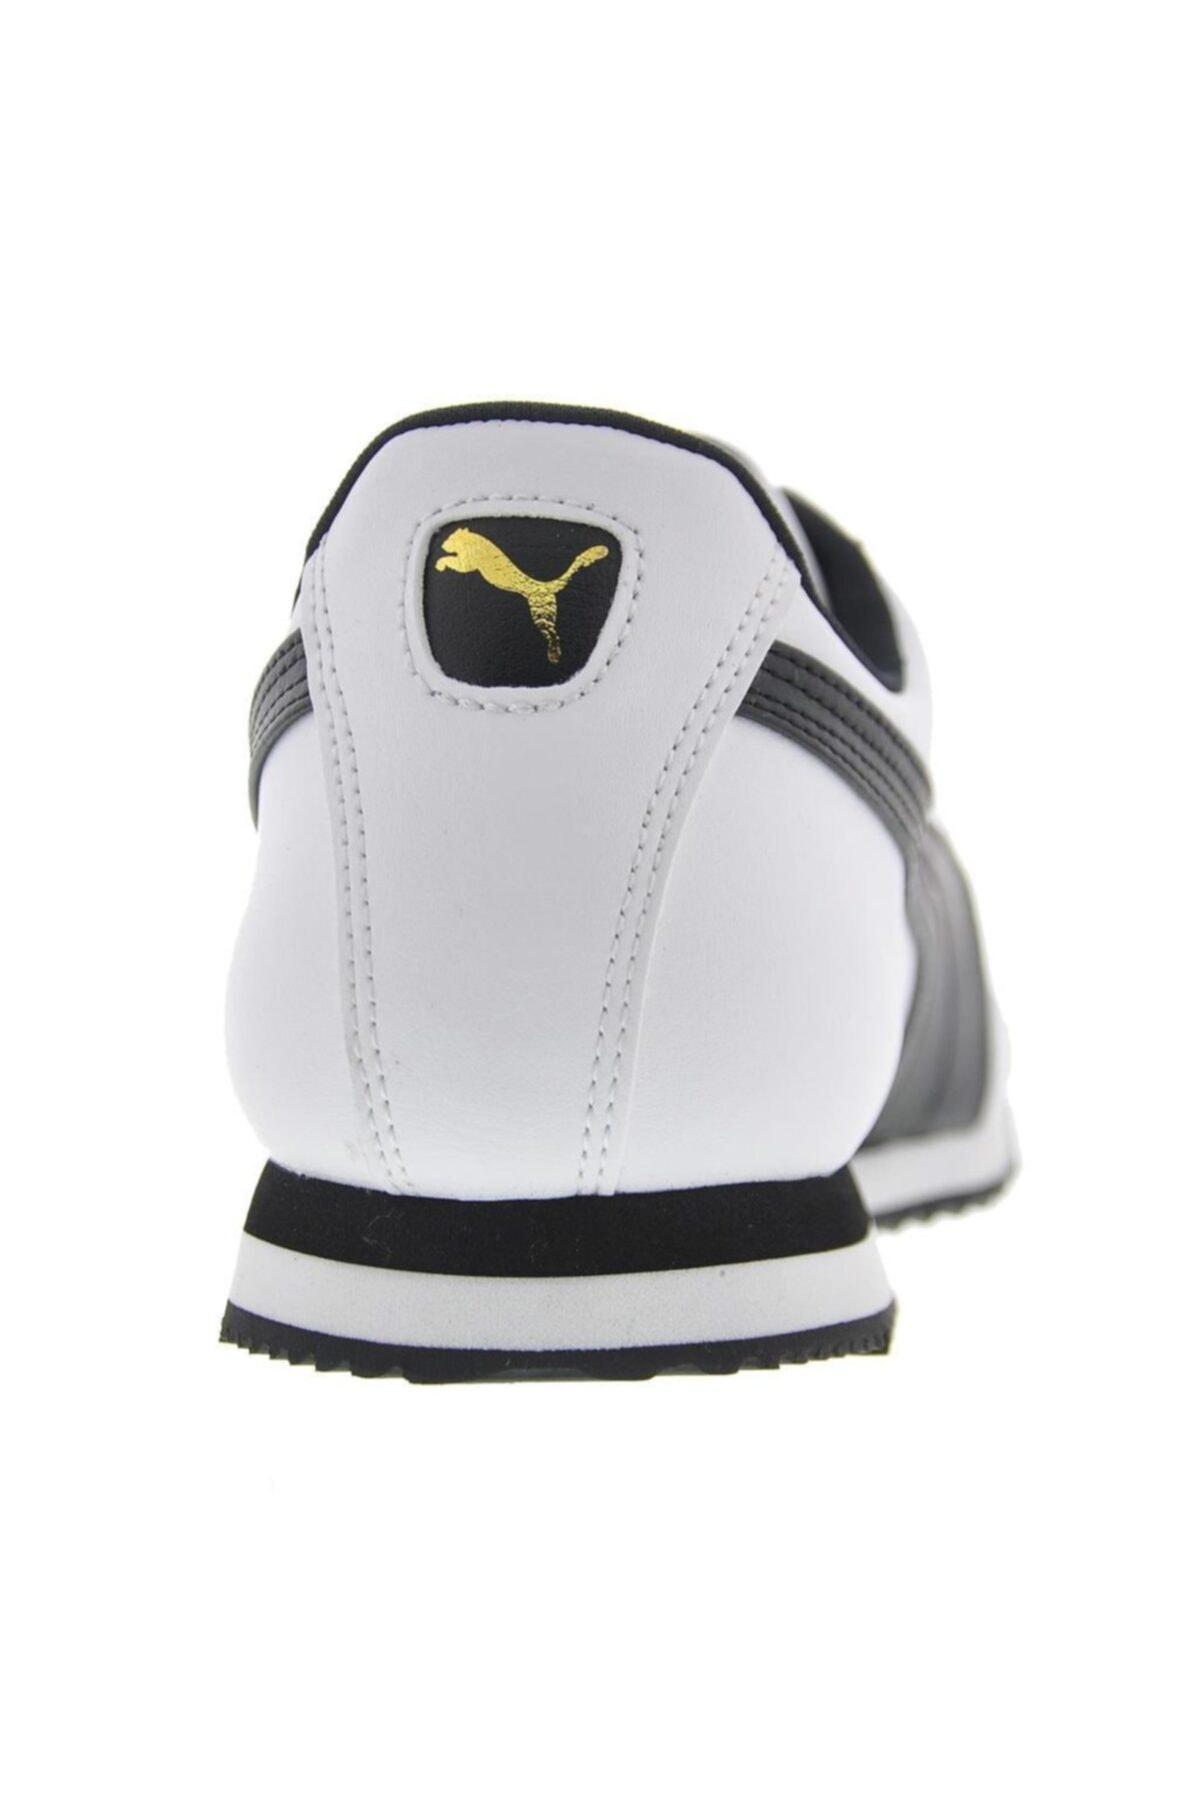 Puma Erkek Beyaz Roma Basic Co Spor Günlük Ayakkabı 353572-04 2